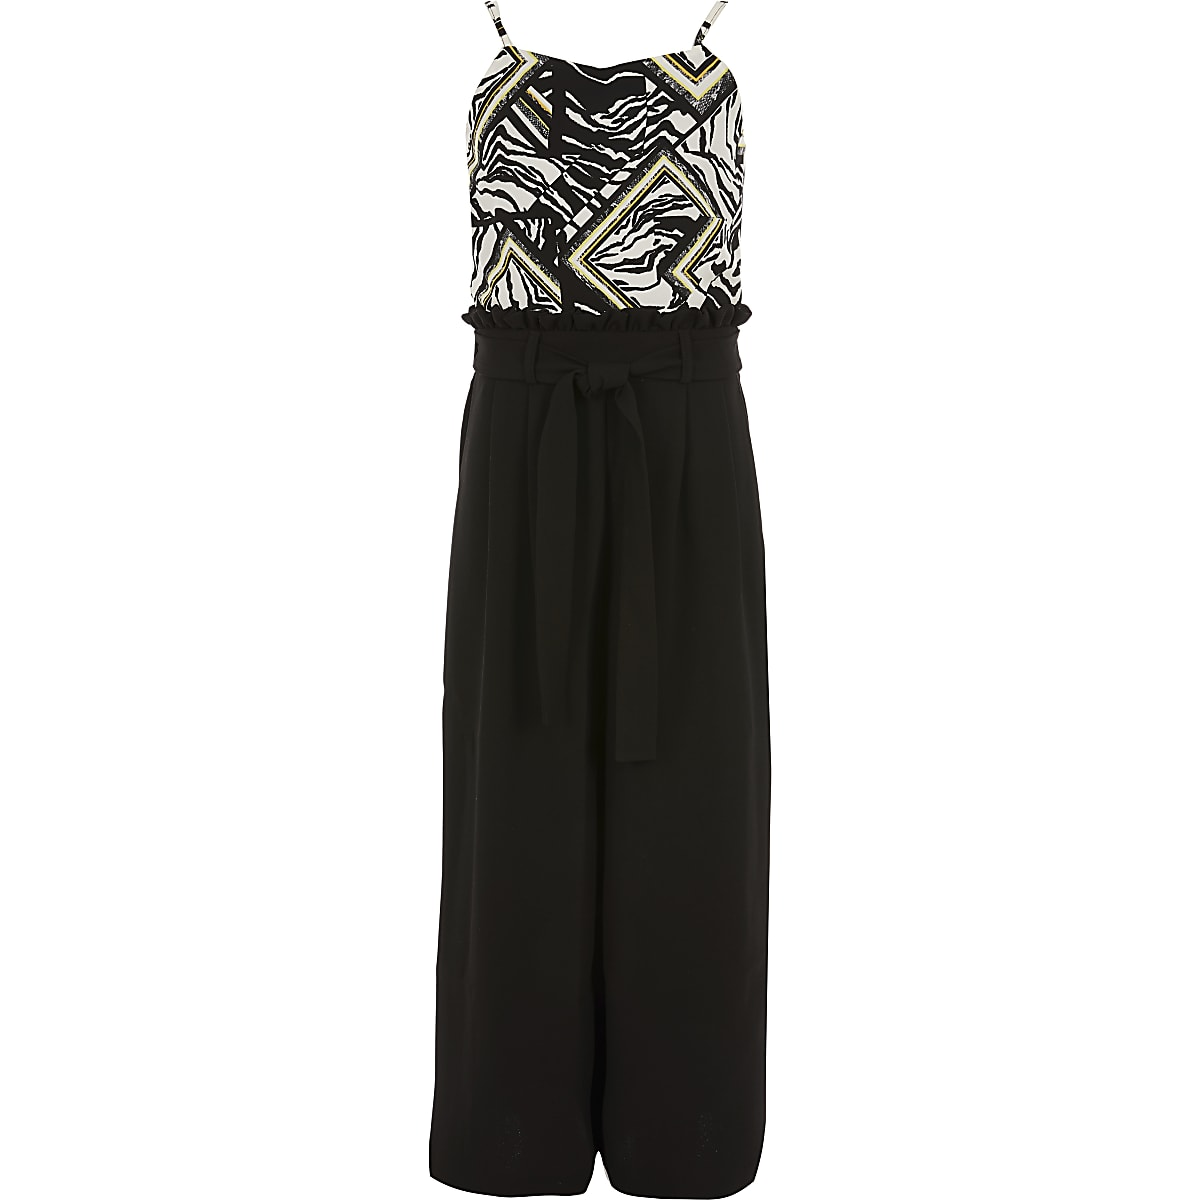 Zwarte jumpsuit met zebraprint en riem voor meisjes